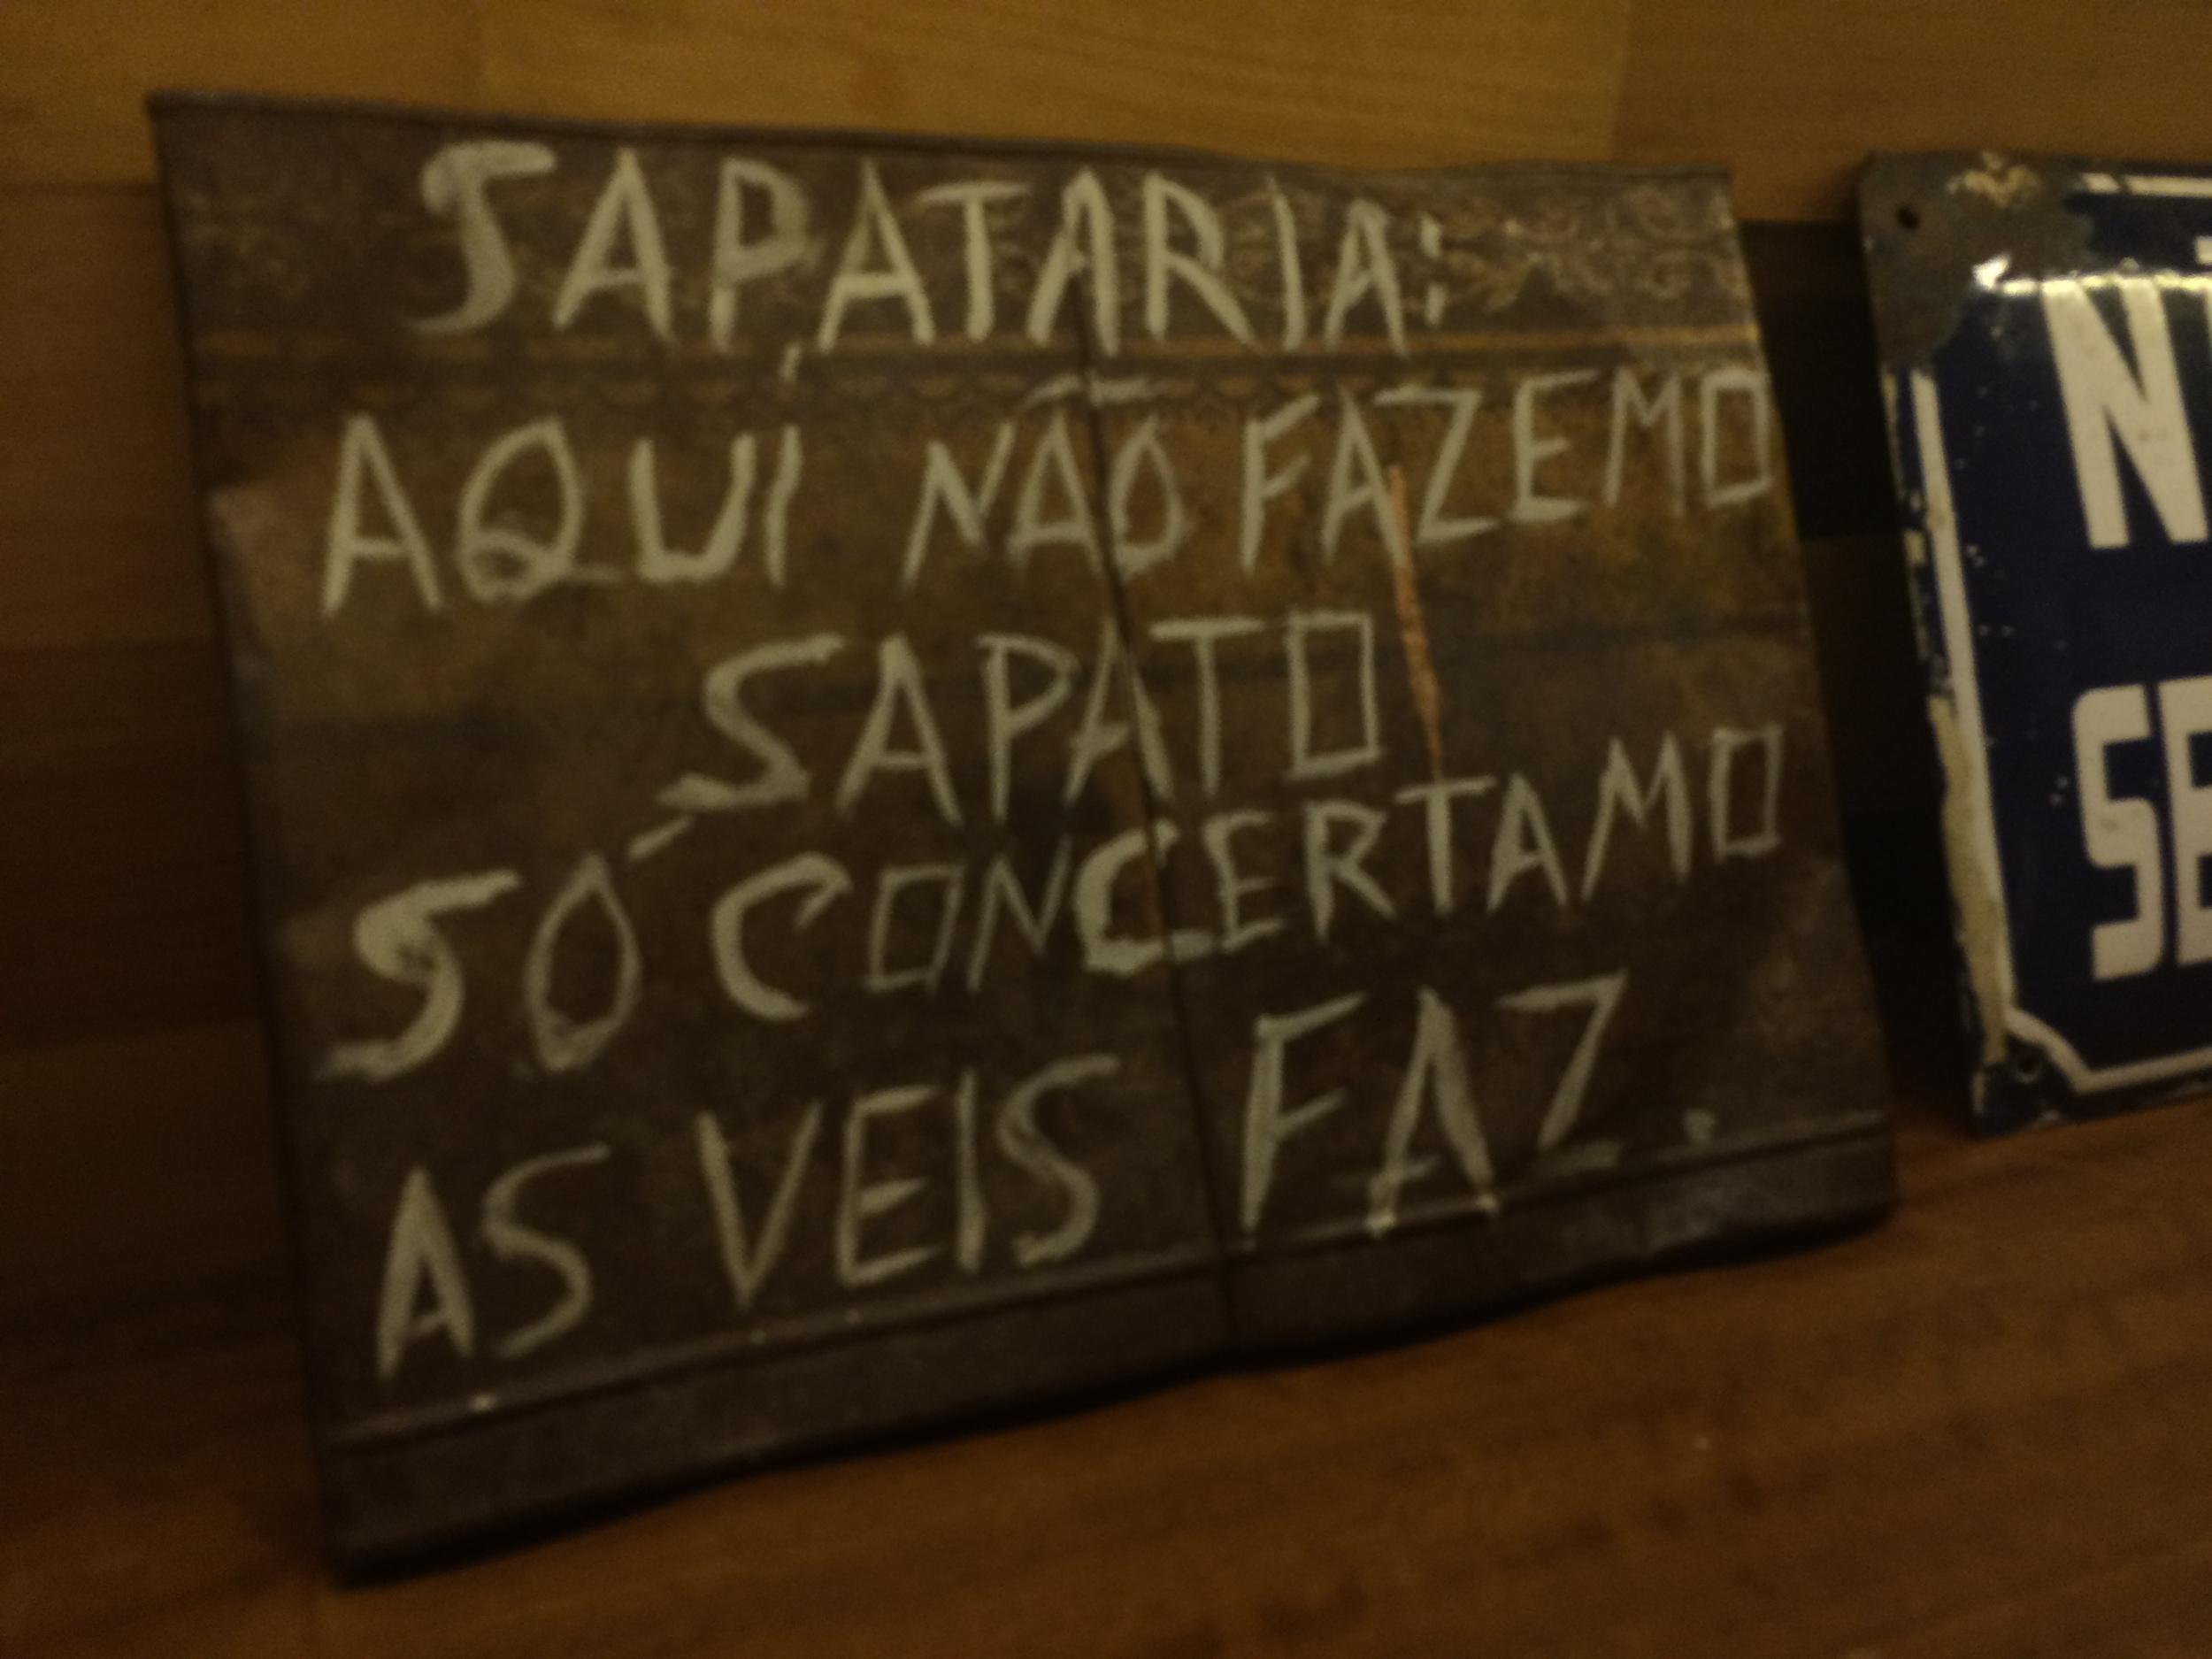 Ainda no Circuito Cultural Liberdade, mas em outro dia, fui à exposição de Kandinsky no CCBB/BH e conheci, também, a filial do Café com Letras que abriram lá. O Lugar é cheio de placas deste tipo da foto, bem divertidas e representativas da gente trabalhadeira e simples que é a brasileira. Jantamos no Café e a comida estava bem boa. Fui também ao Café com letras original, da Savassi, para almoçar. E senti uma nostalgia incrível de quando a gente ia lá tomar uma café e assistir aos Saraus.http://www.cafecomletras.com.br